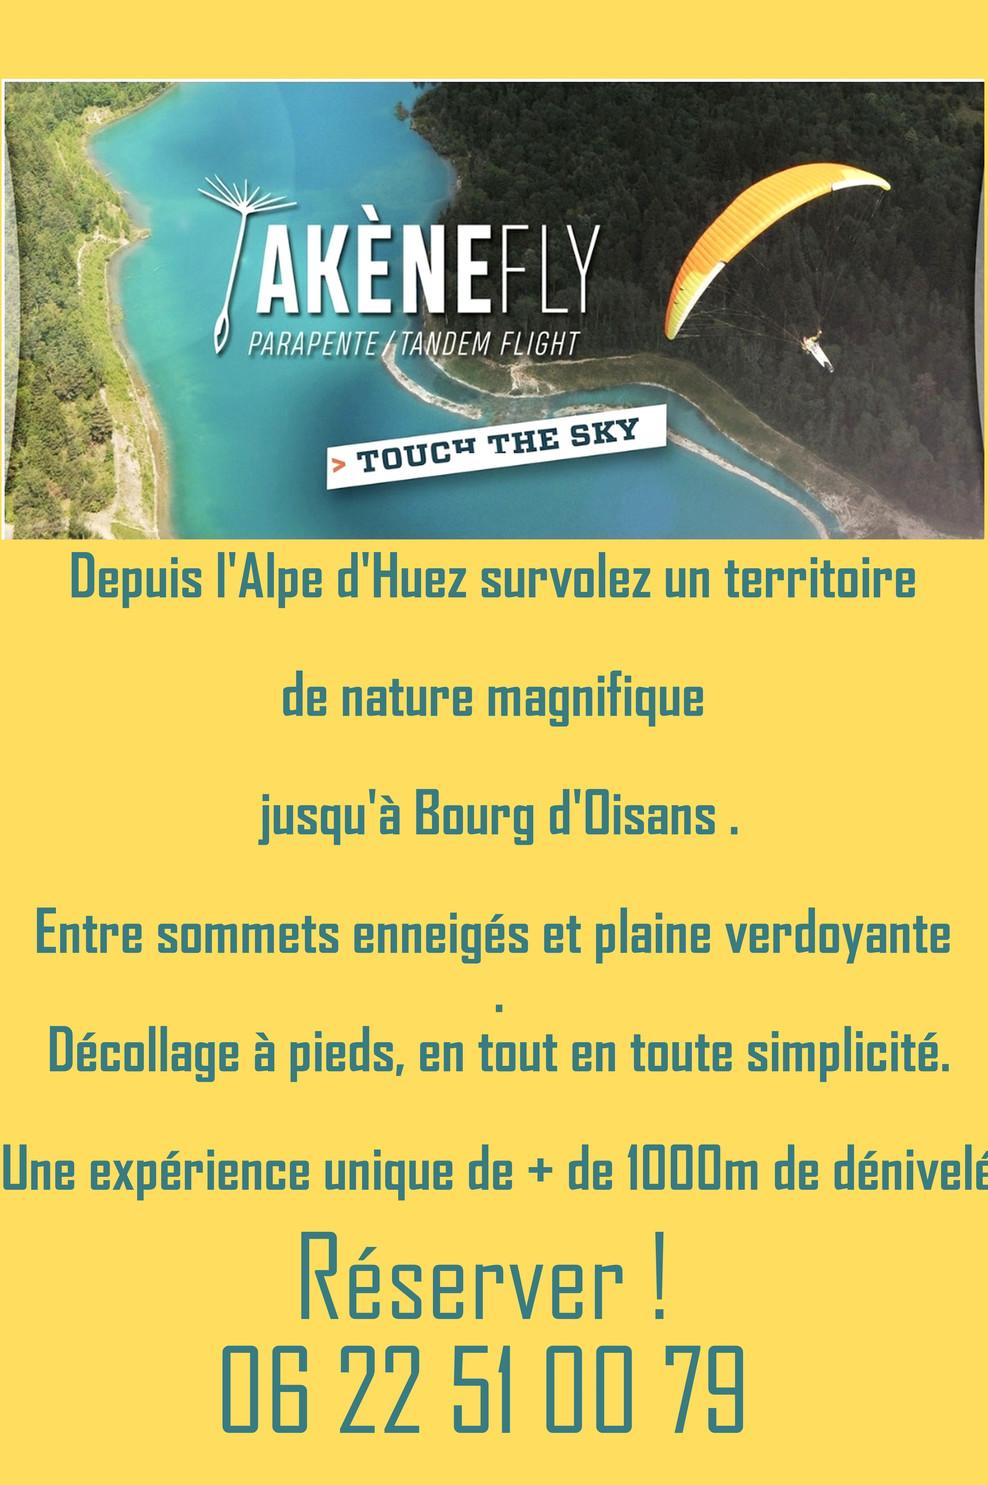 Akenfly.jpg